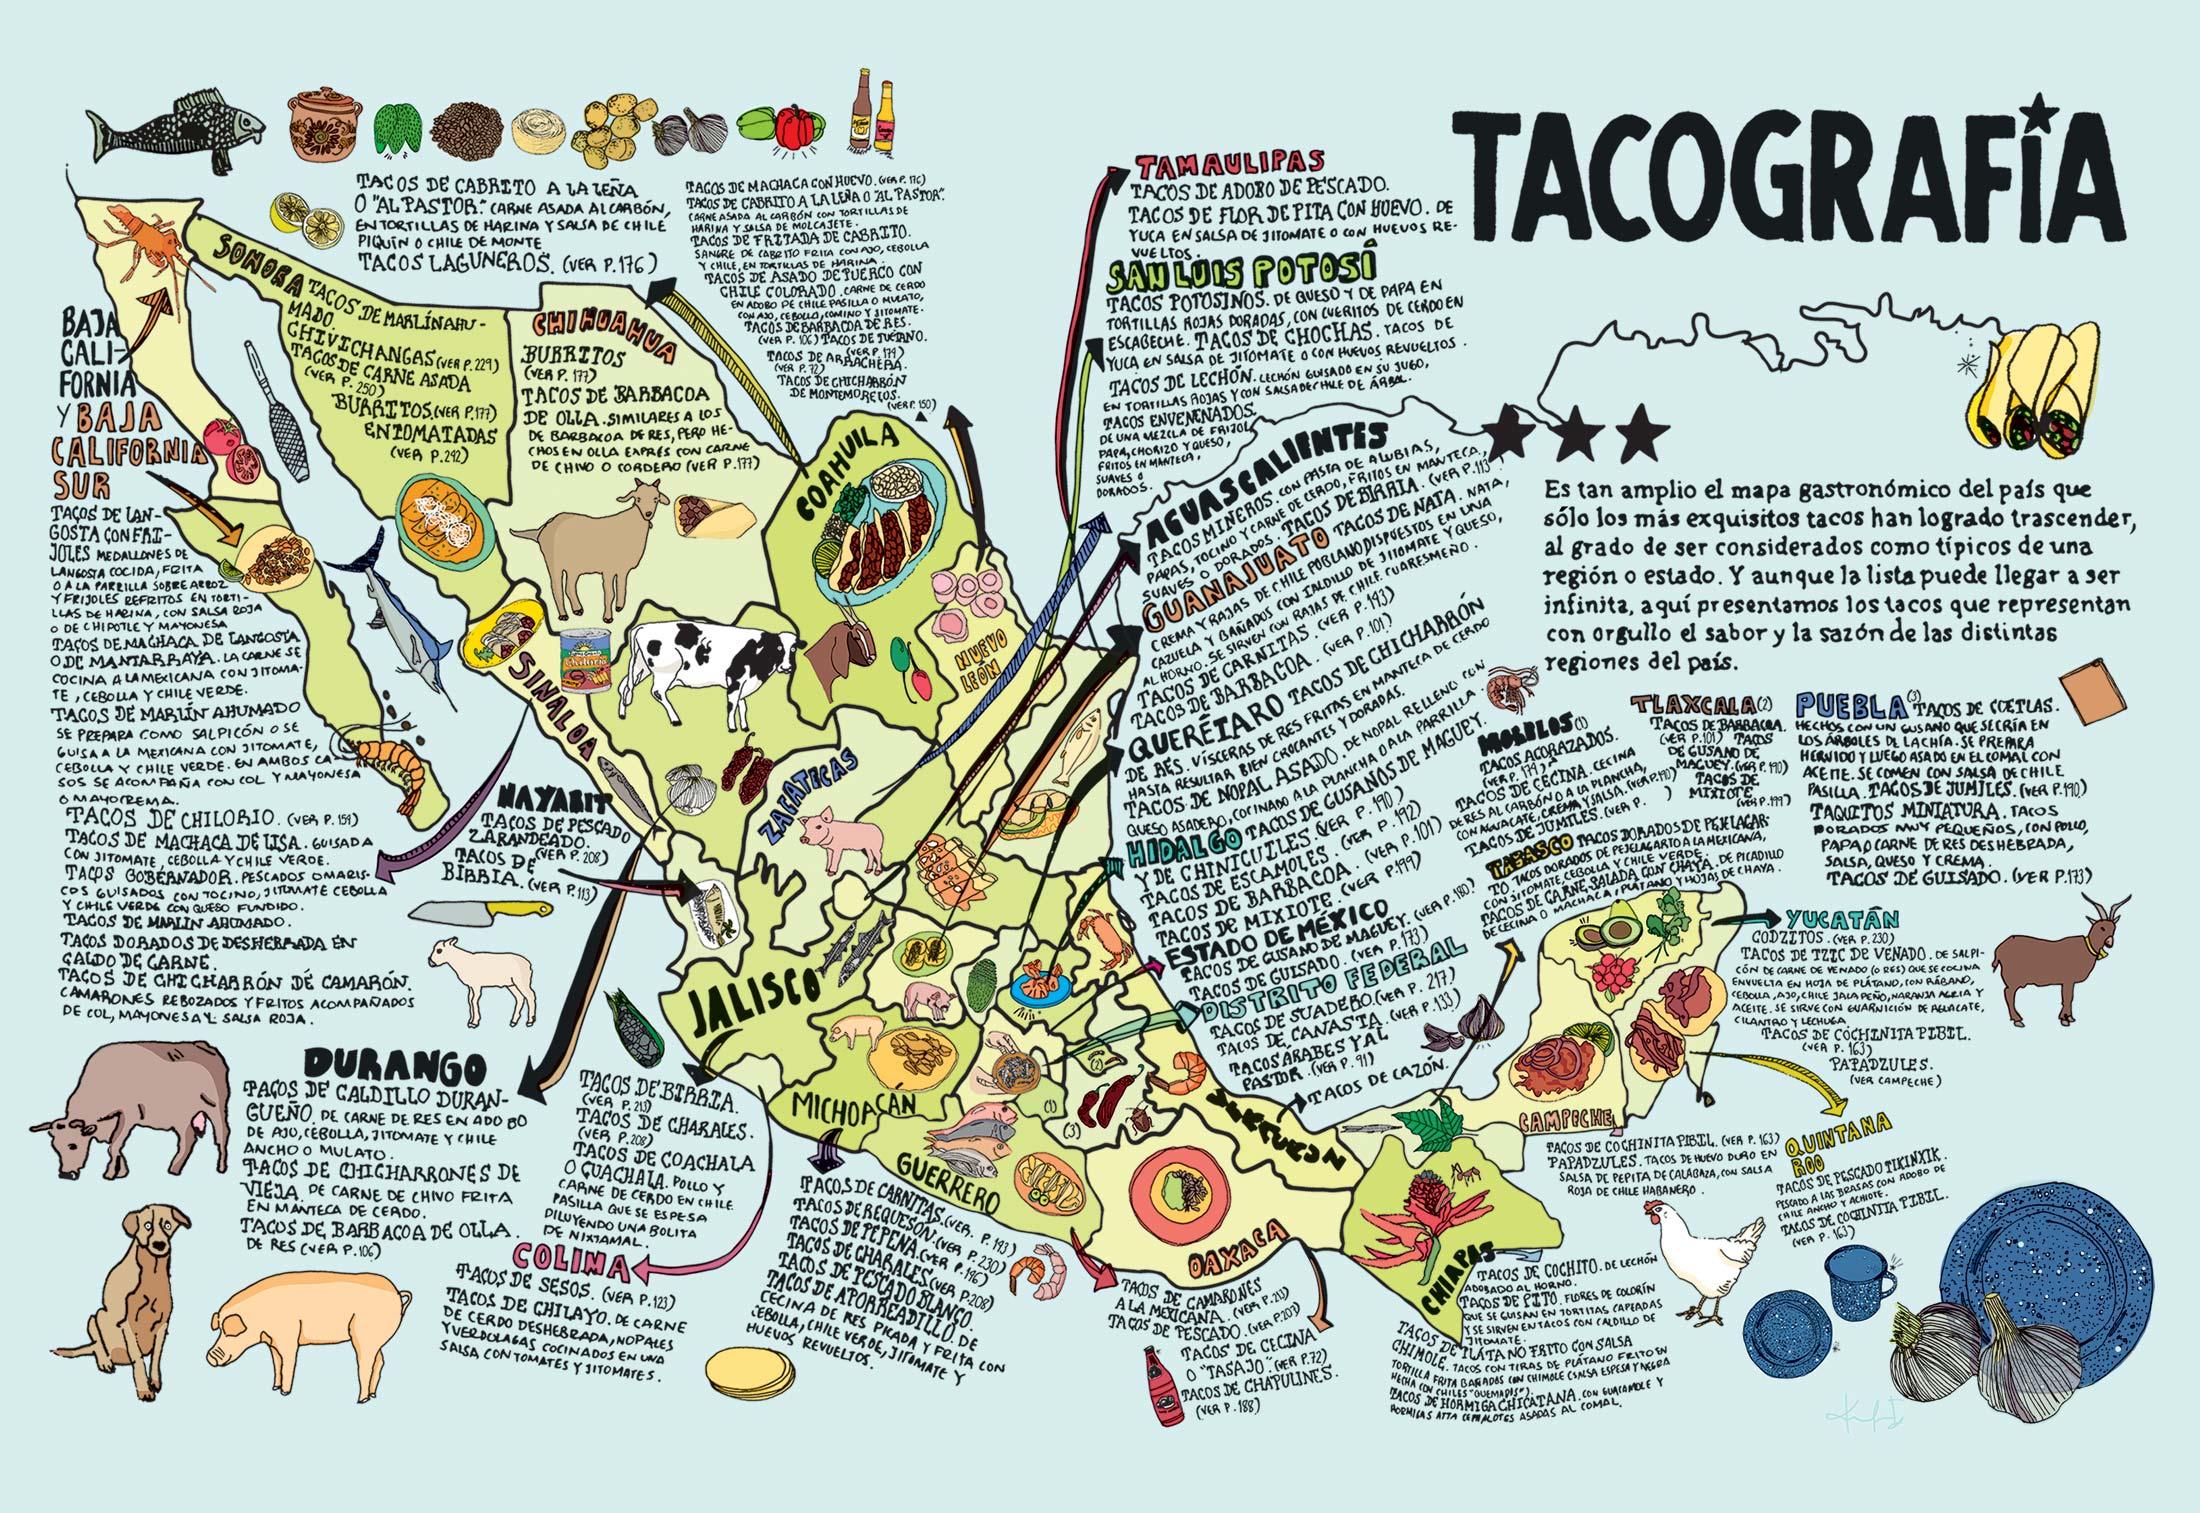 Regional varieties of Mexican tacos